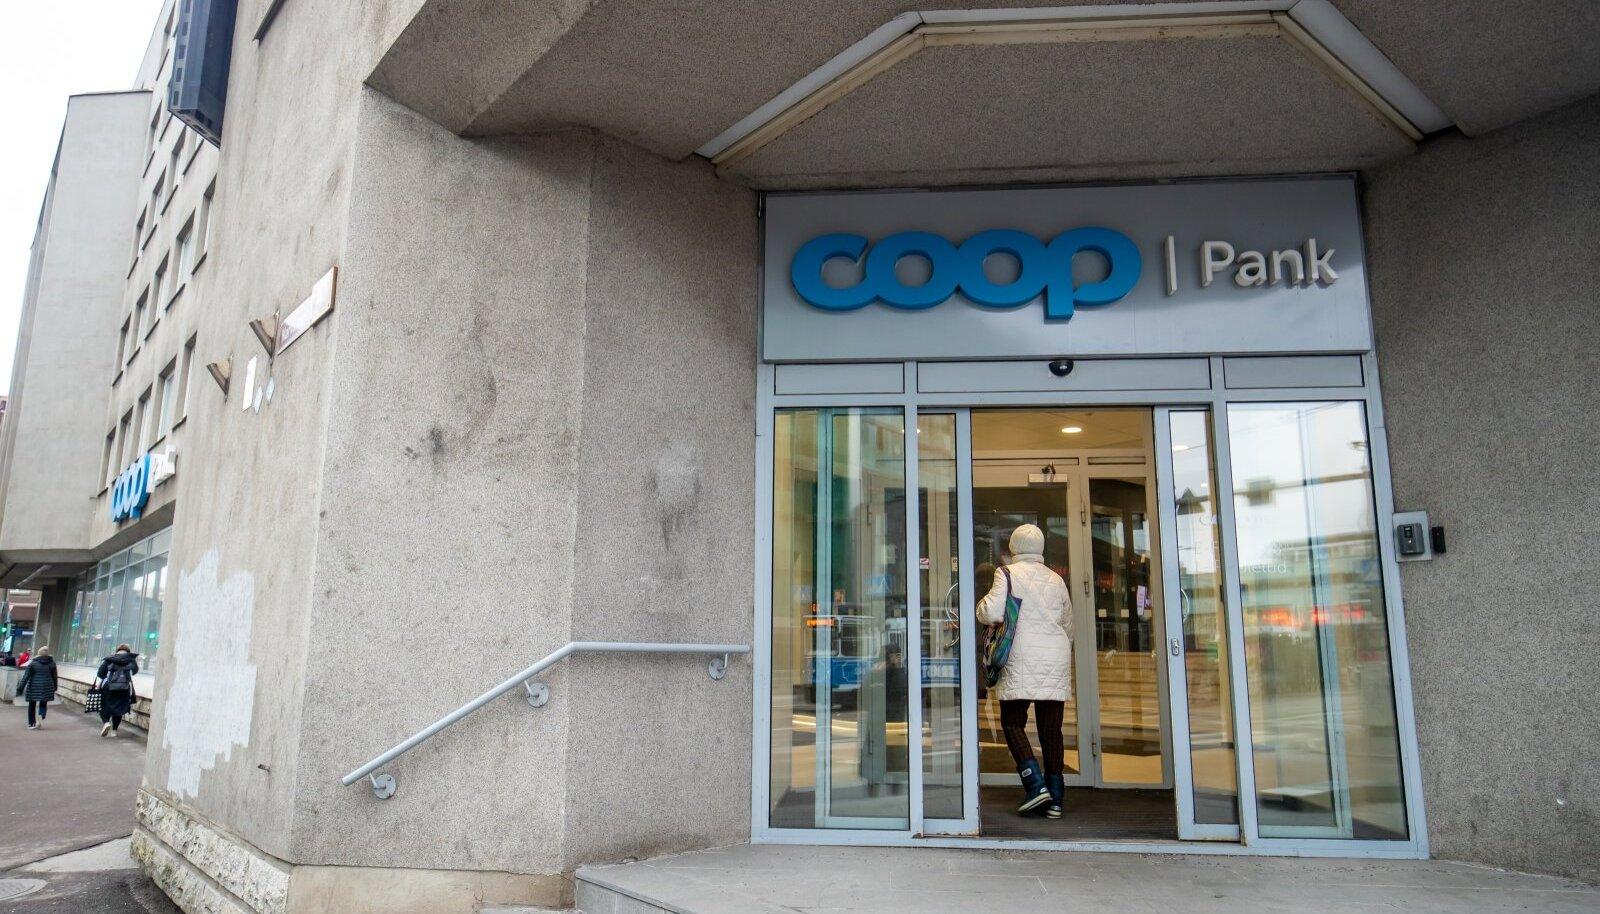 Coop pank Sissepääs